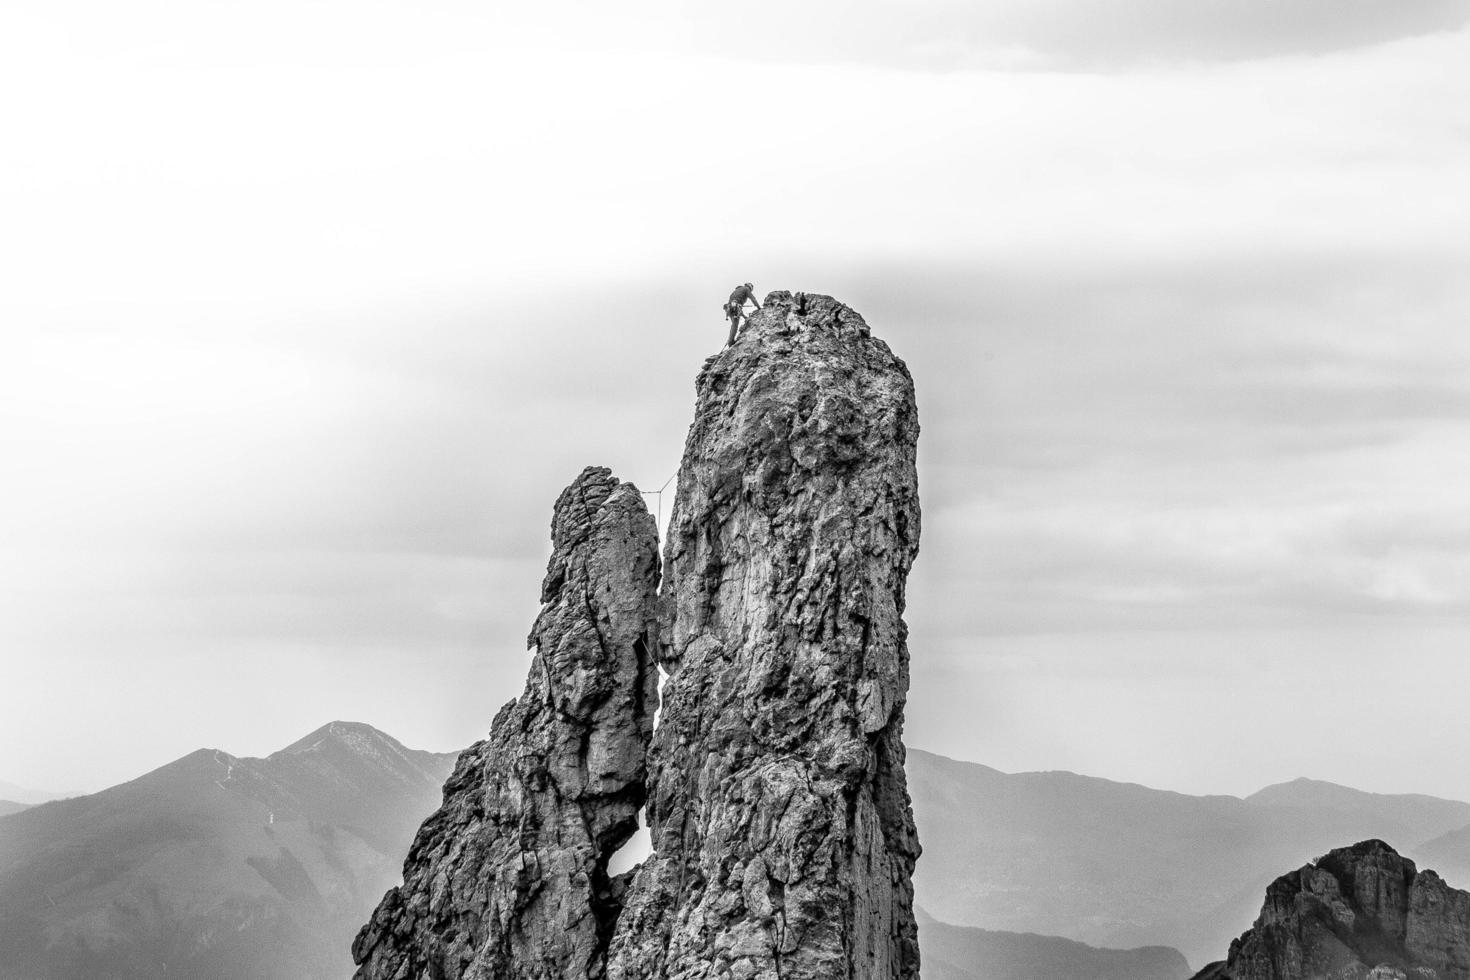 niveaux de gris de la personne escalade la falaise photo